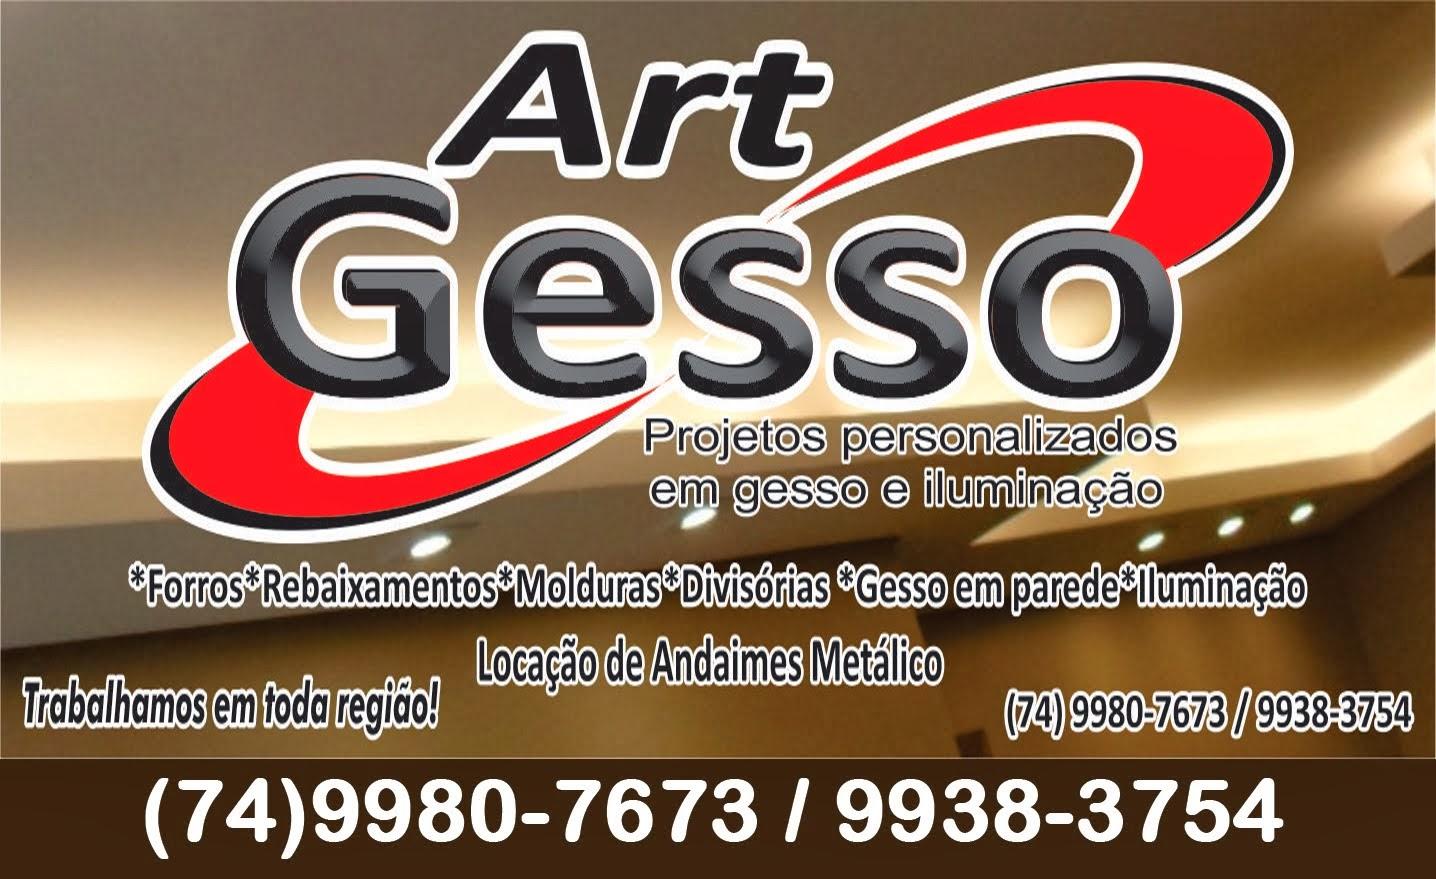 Art Gesso - 9980-7673 / 9938-3754